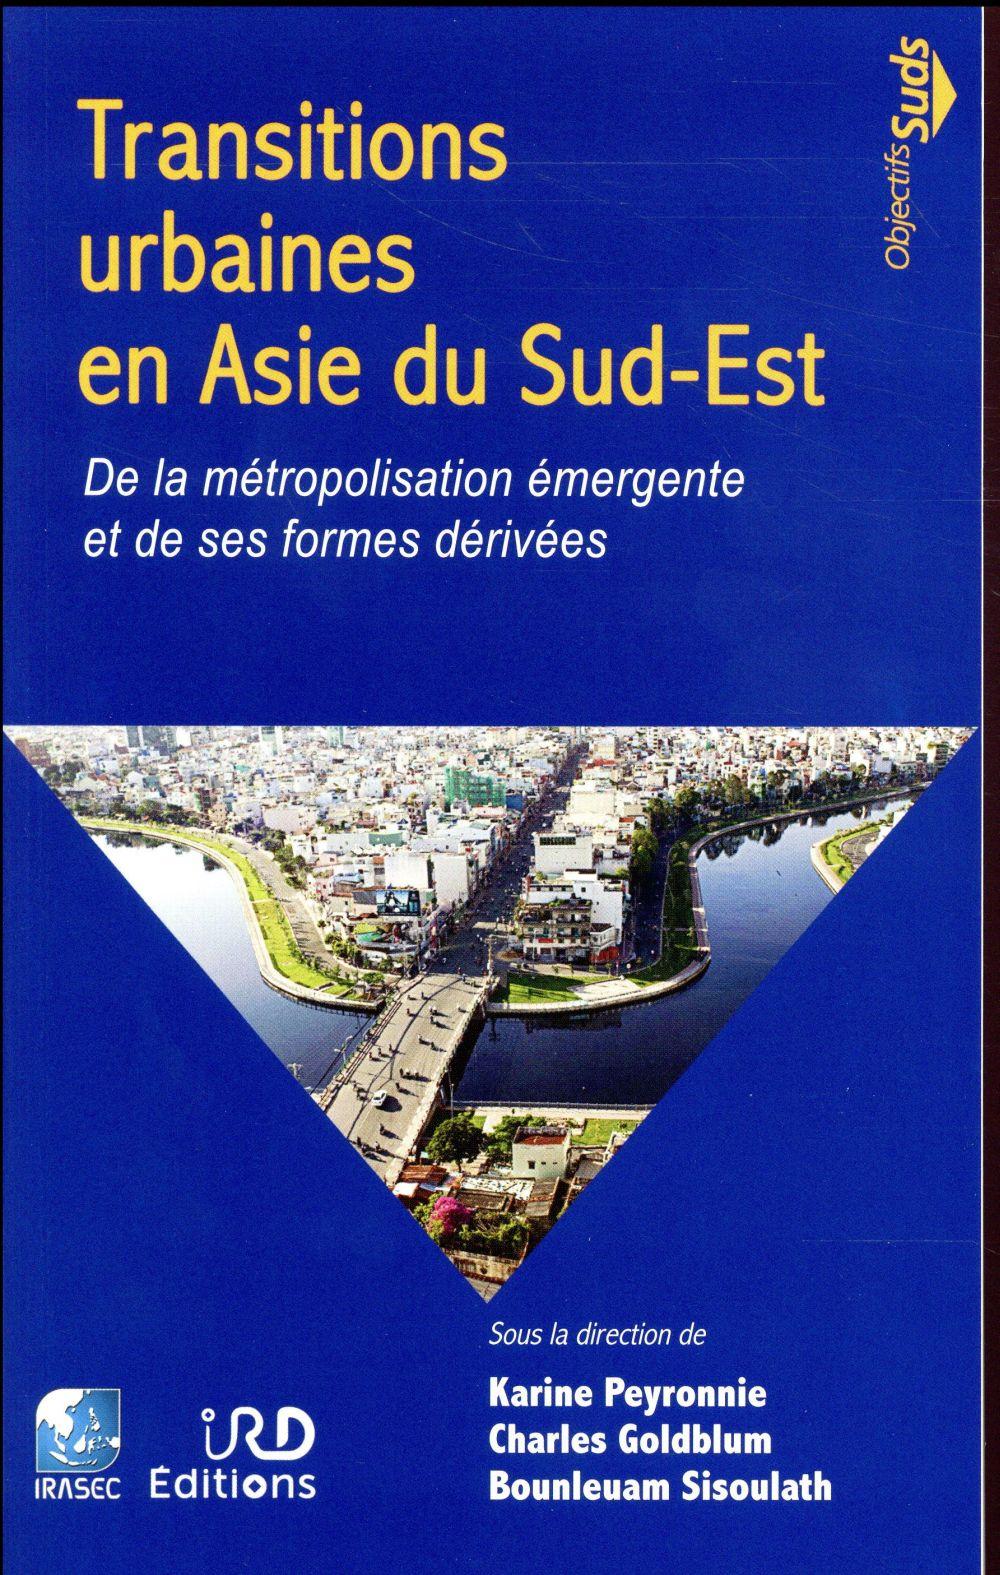 Transitions urbaines en Asie du Sud-Est ; de la métropolisation émergente et de ses formes dérivées